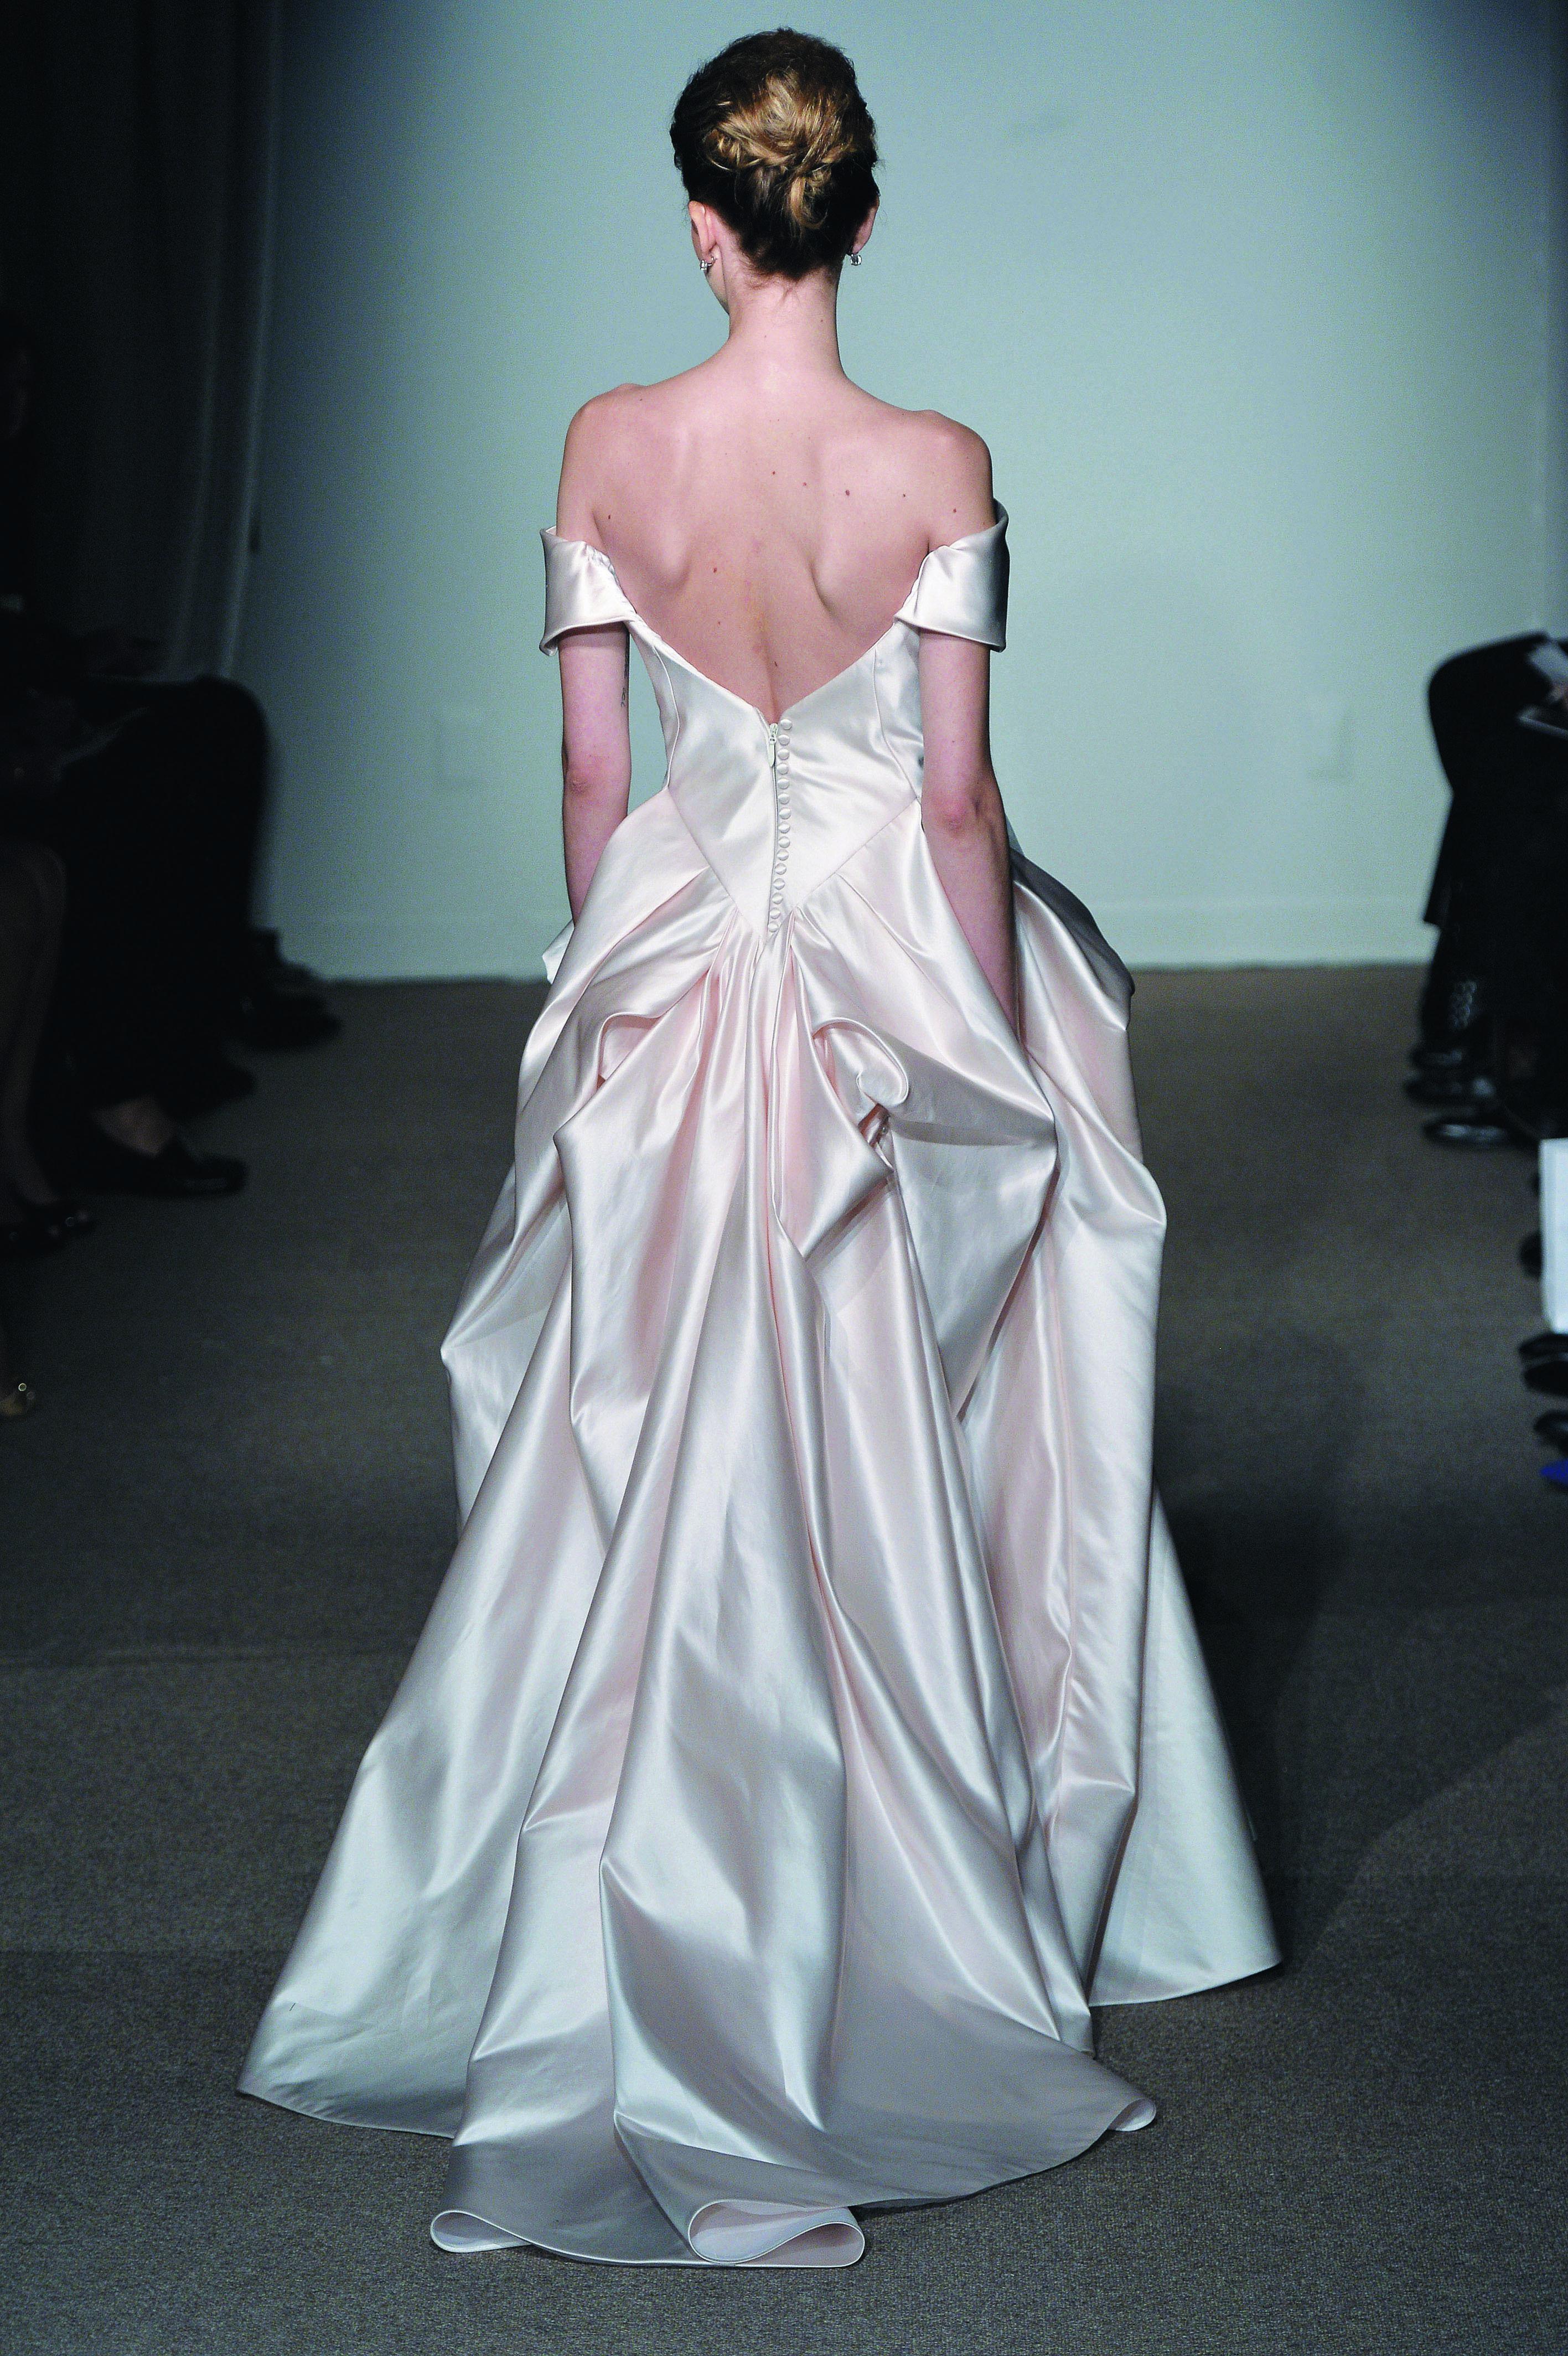 오프숄더 웨딩 드레스를 입기 위한 어느 예비 신부의 승모근 타파기.